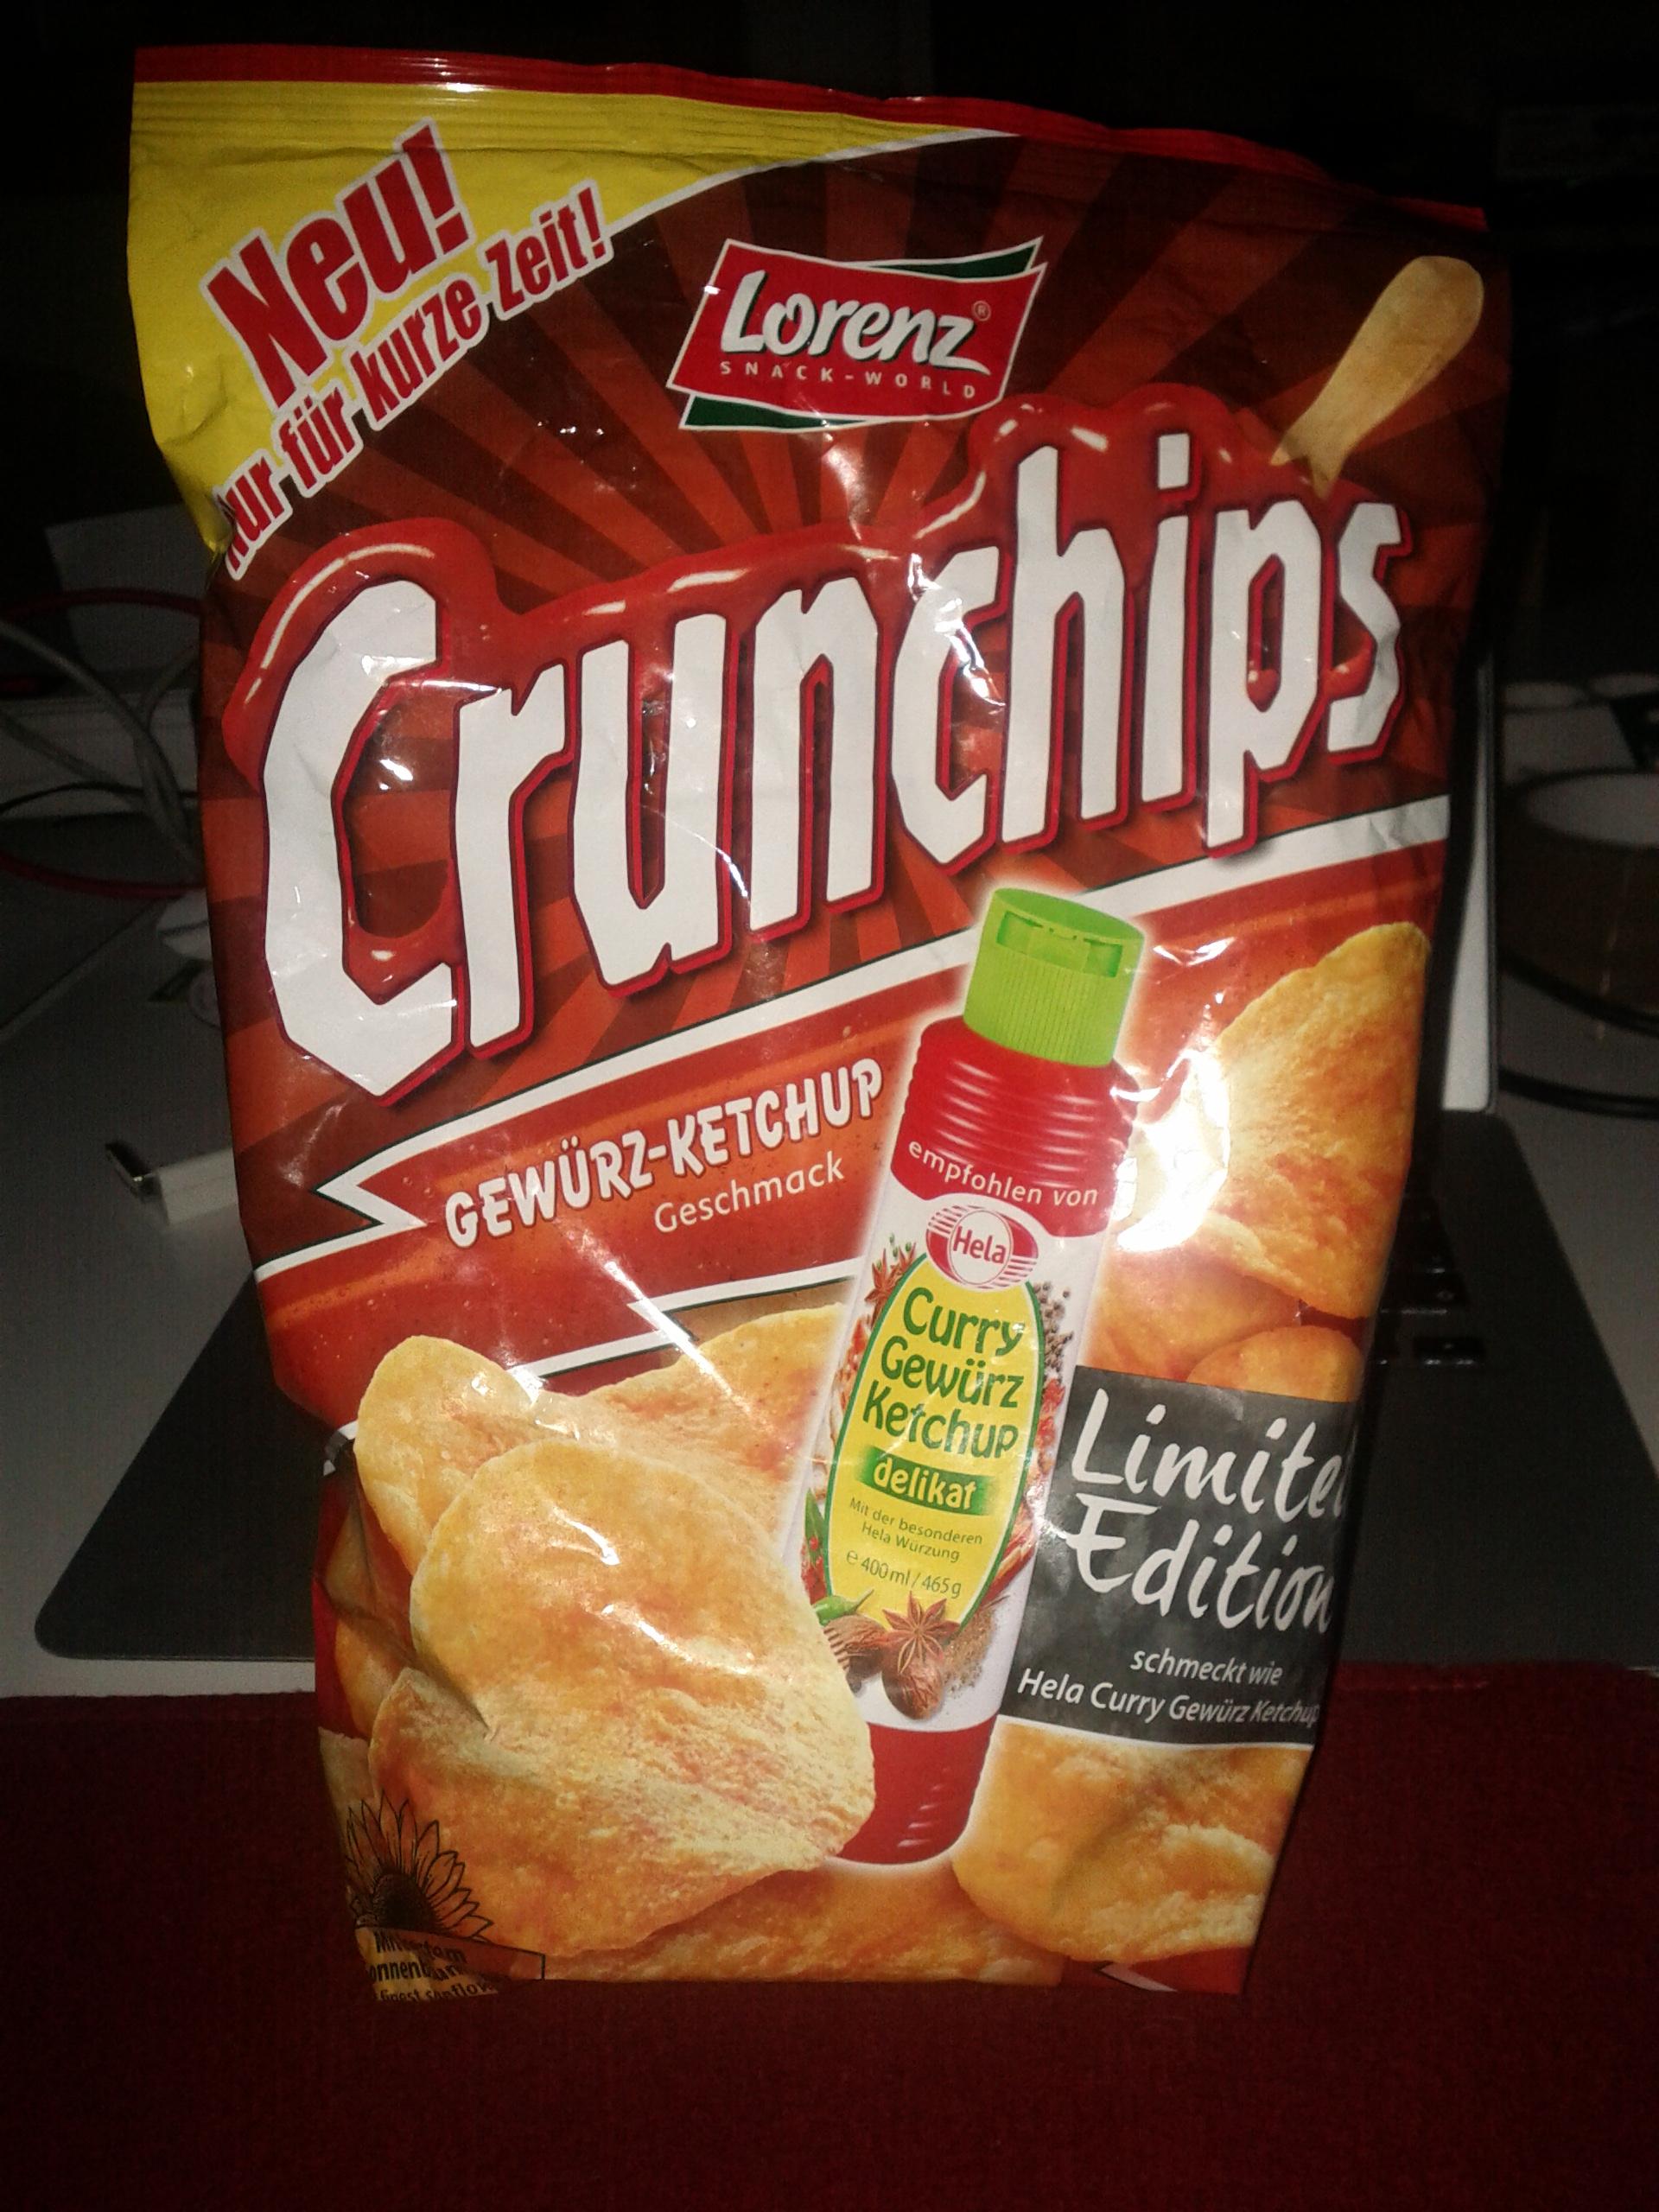 http://foodloader.net/bl1nk_2012-08-02_Crunchips_Gewuerz-Ketchup.jpg